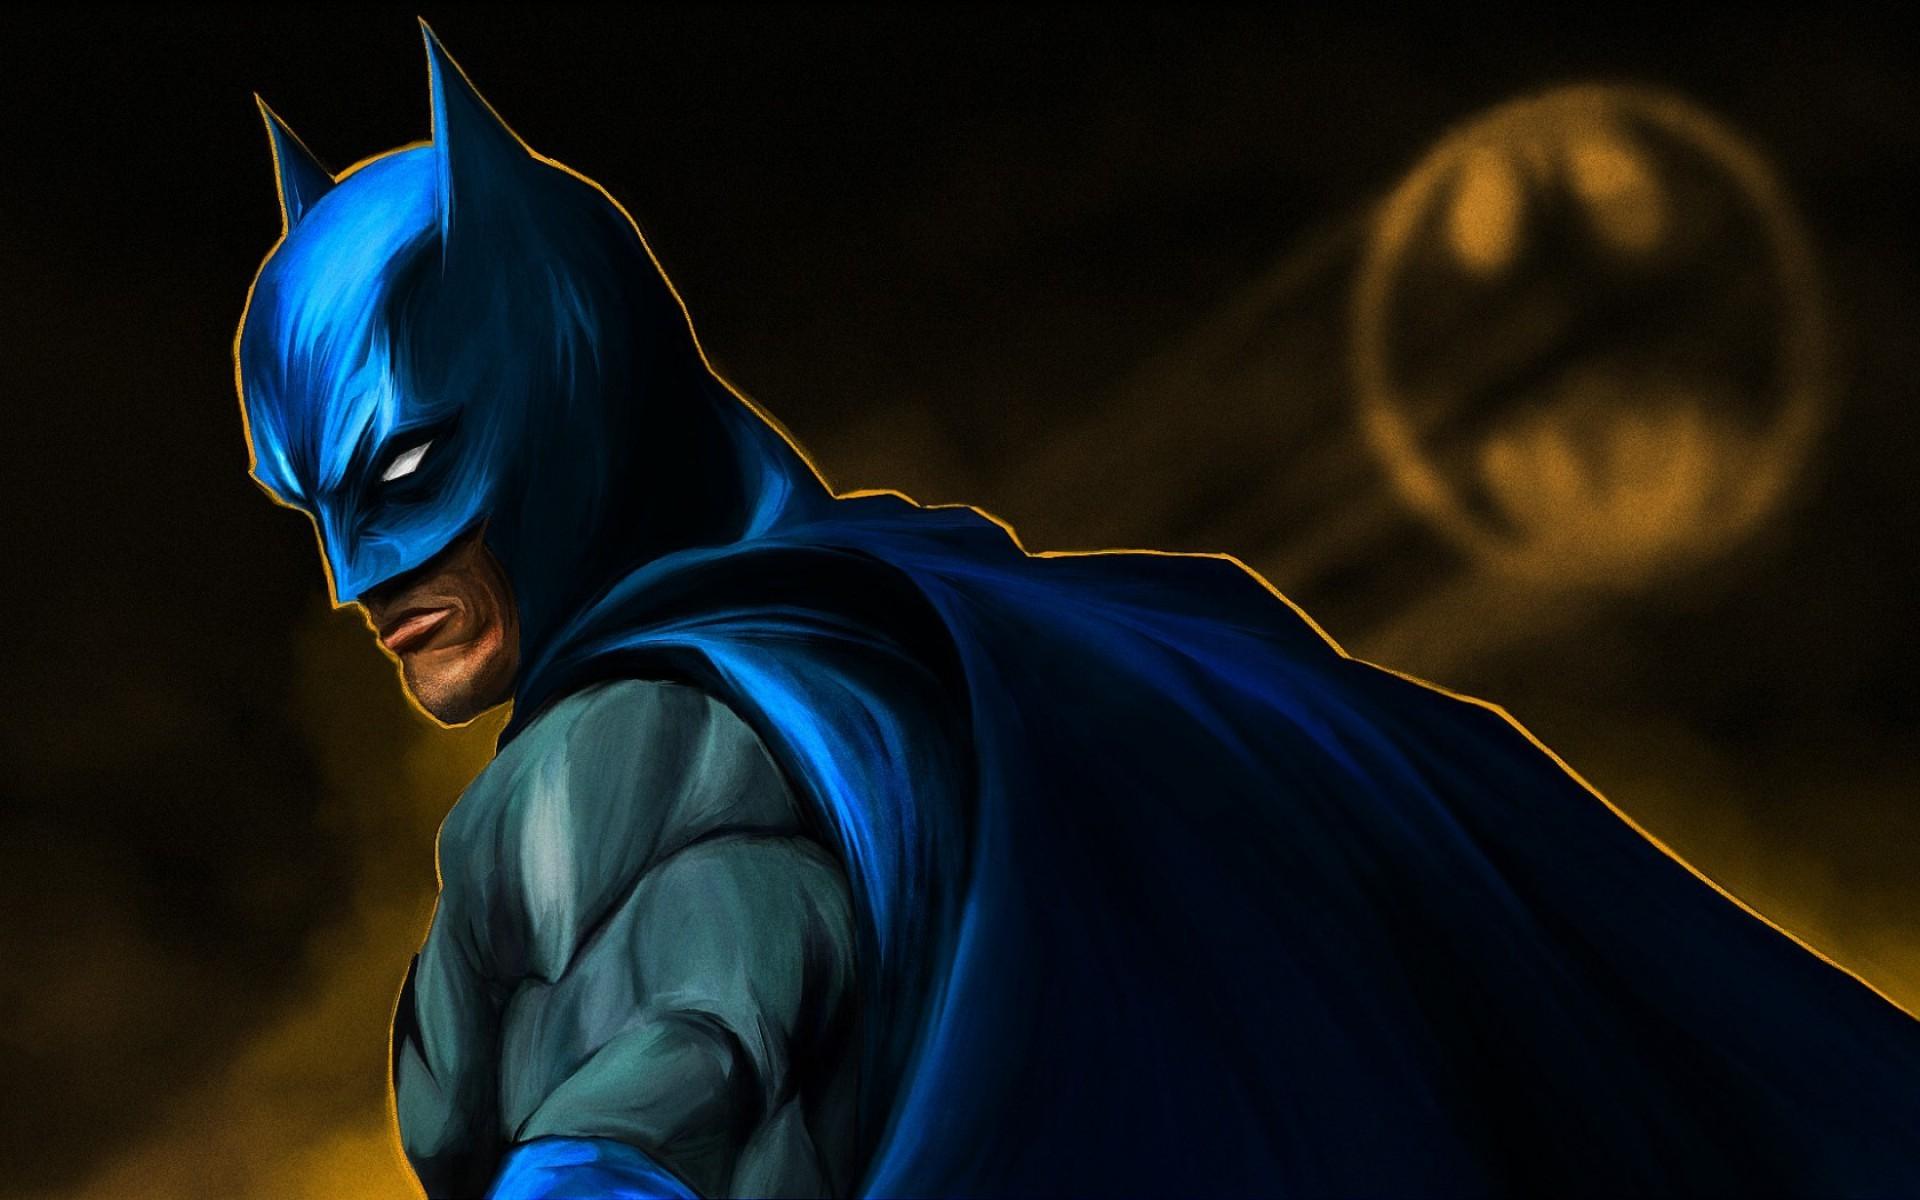 Batman, Comics, DC Comics, Superhero, Concept Art Wallpapers HD / Desktop  and Mobile Backgrounds